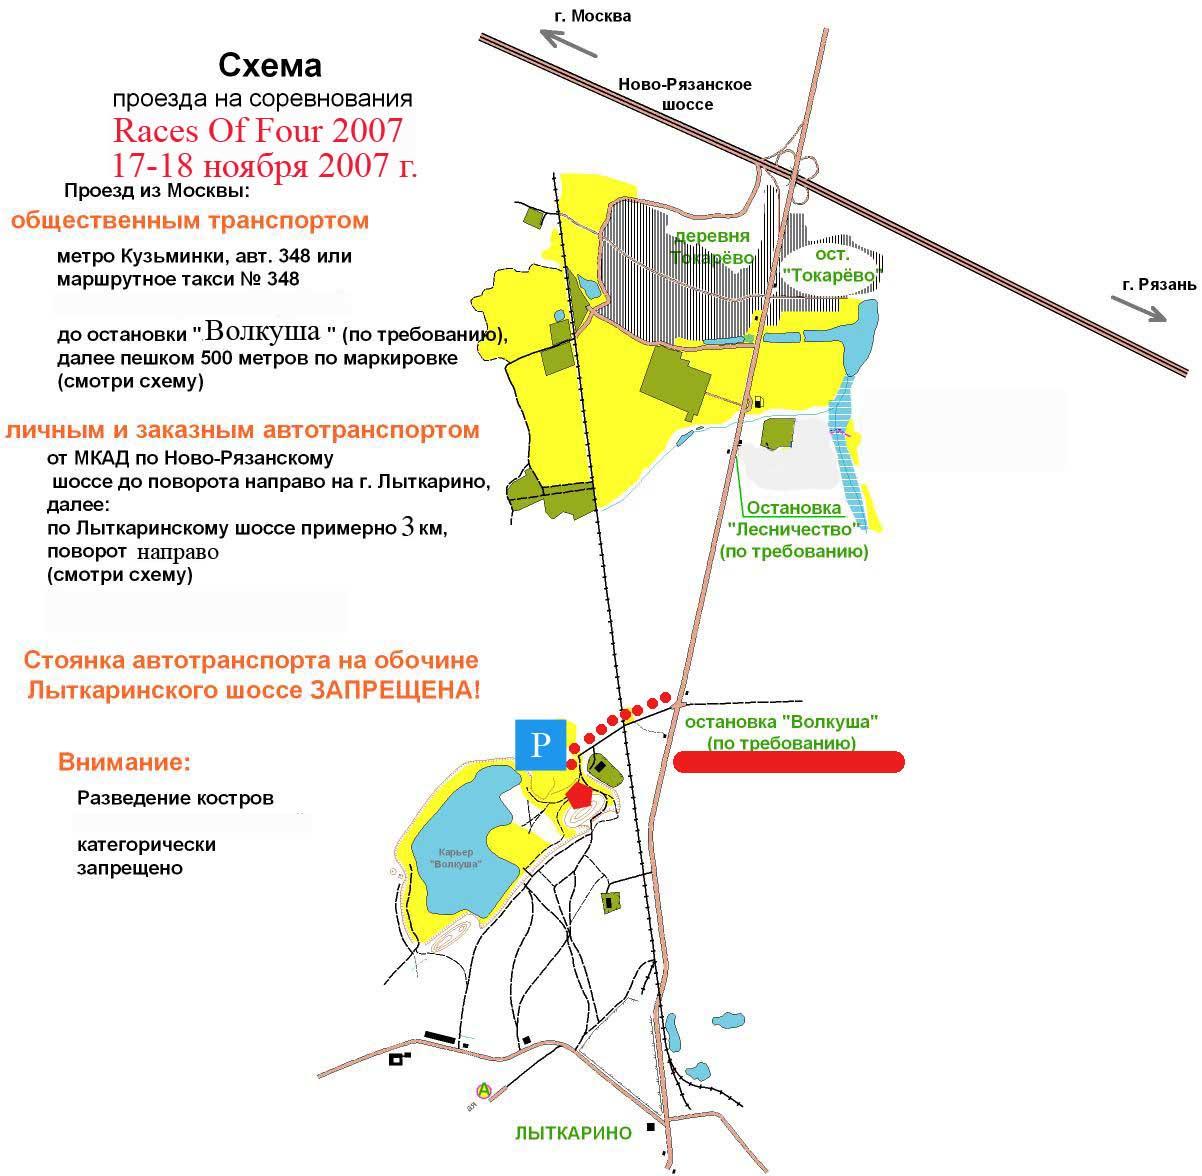 Первая школьная тренировка состоится 2 марта 2008 года в Лыткарино.  Время и место встречи будет объявлено позже.